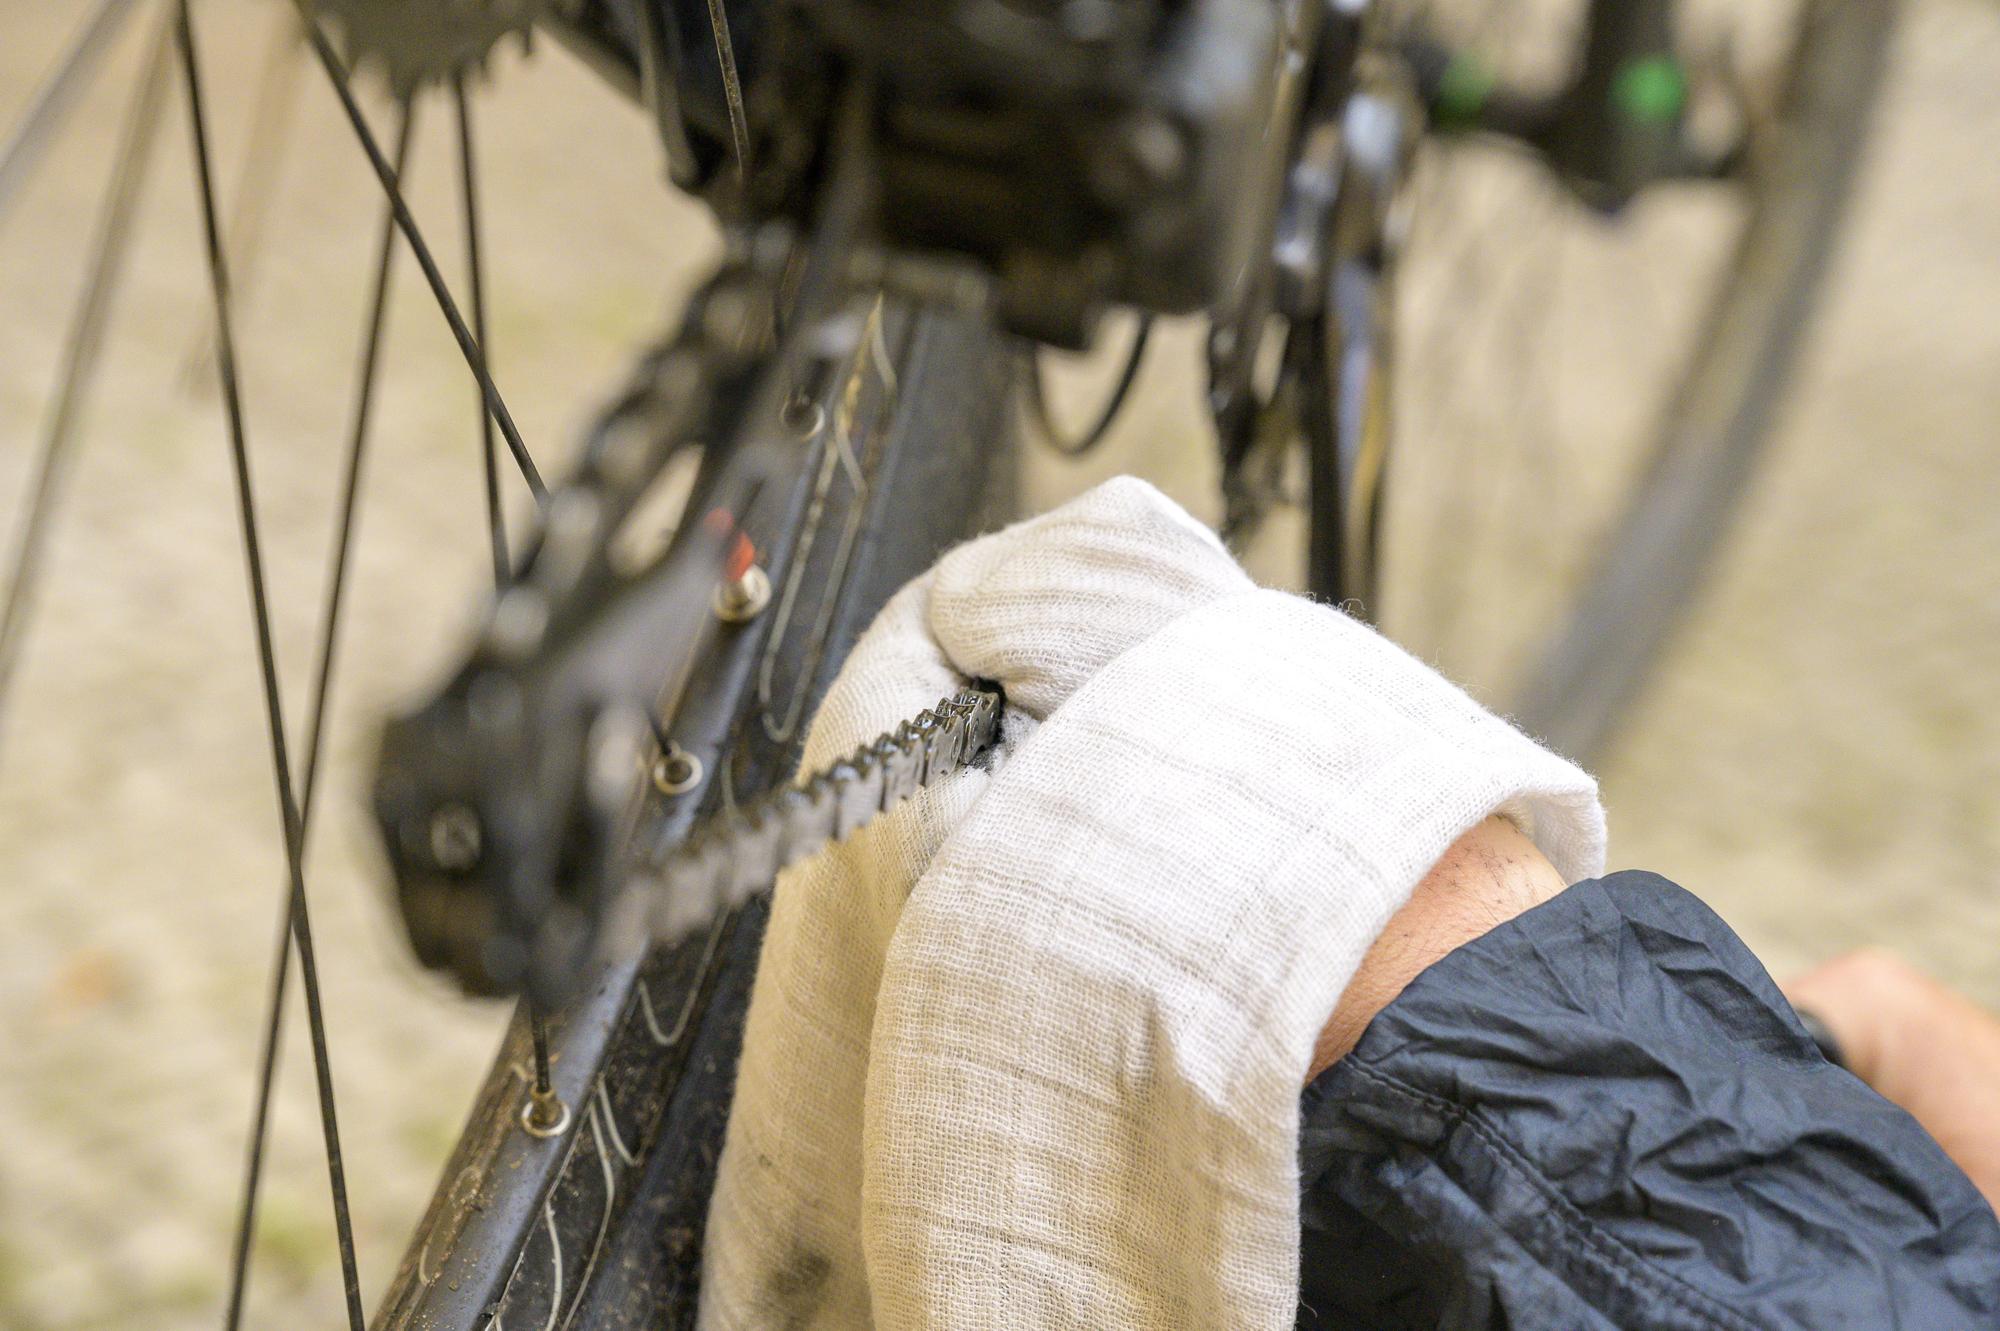 Fahrradkette putzen und reinigen